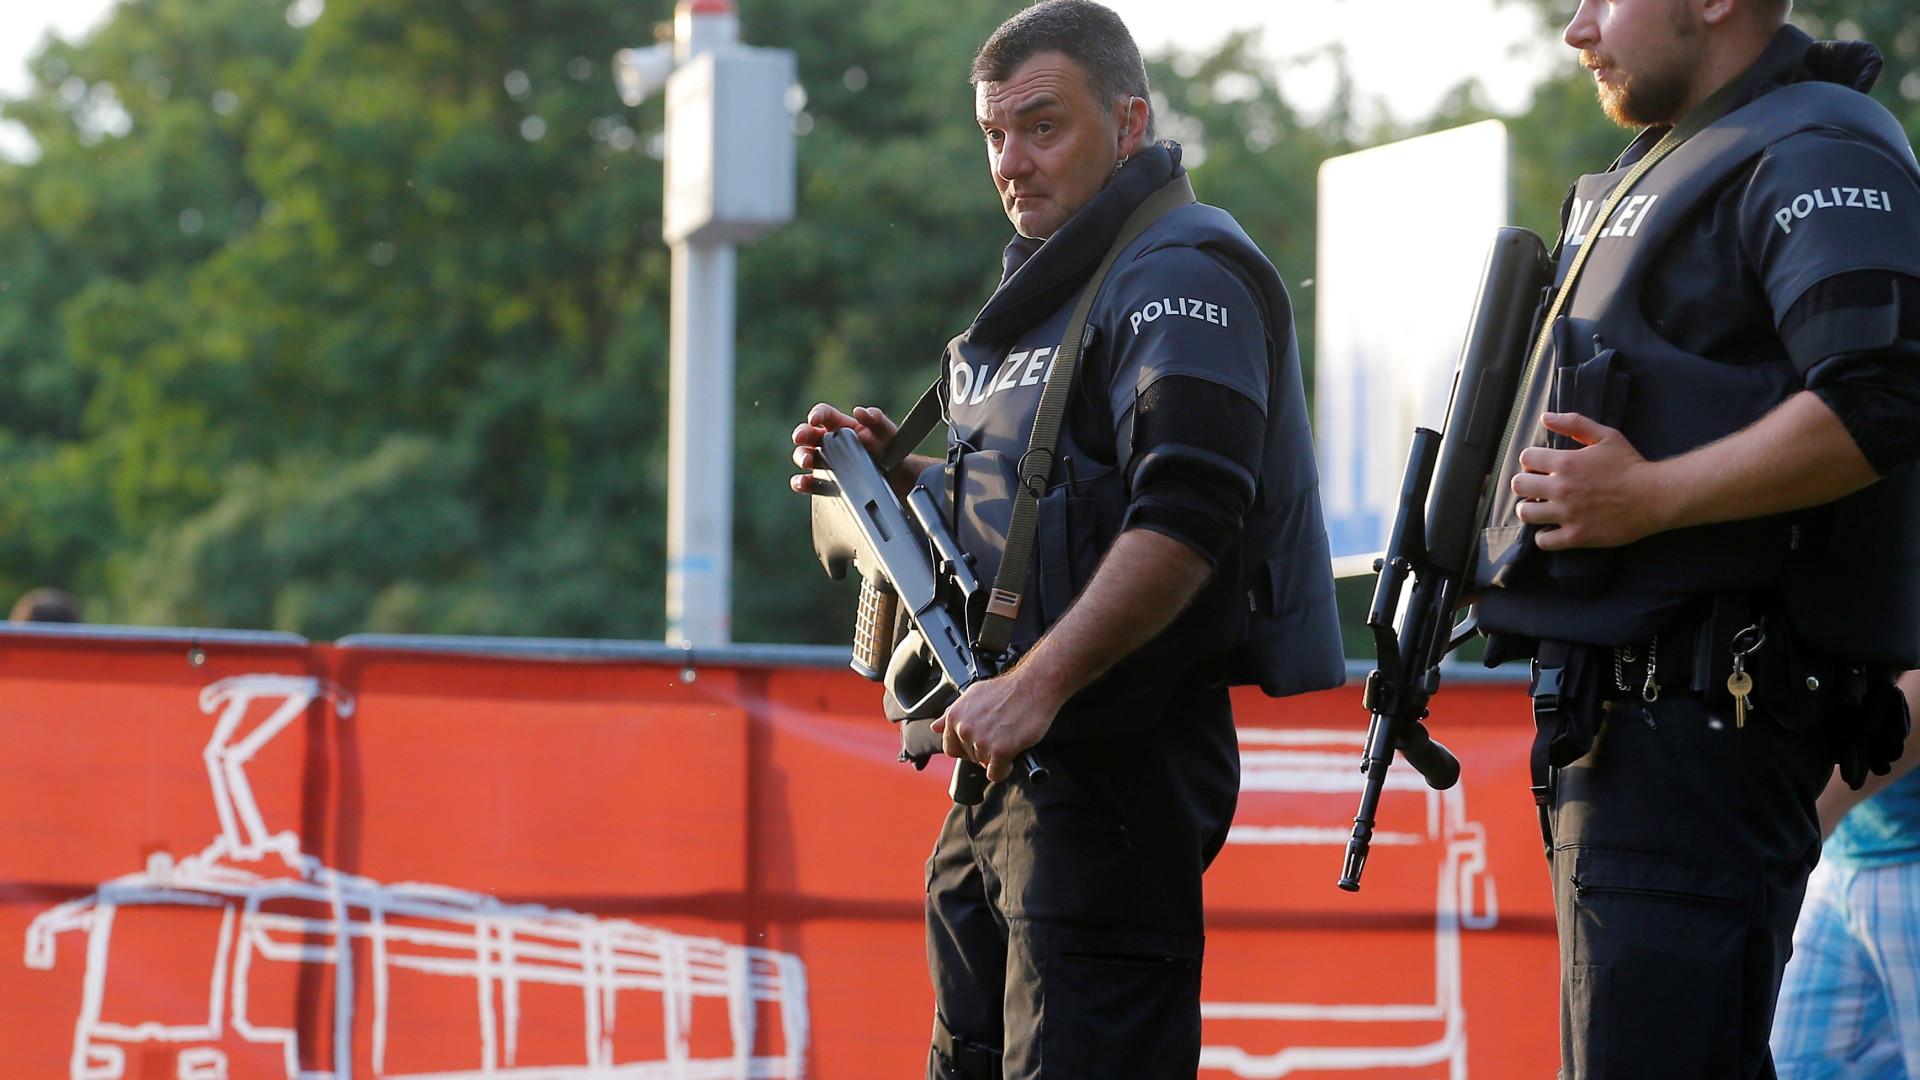 Áustria. Ataque com faca em Viena